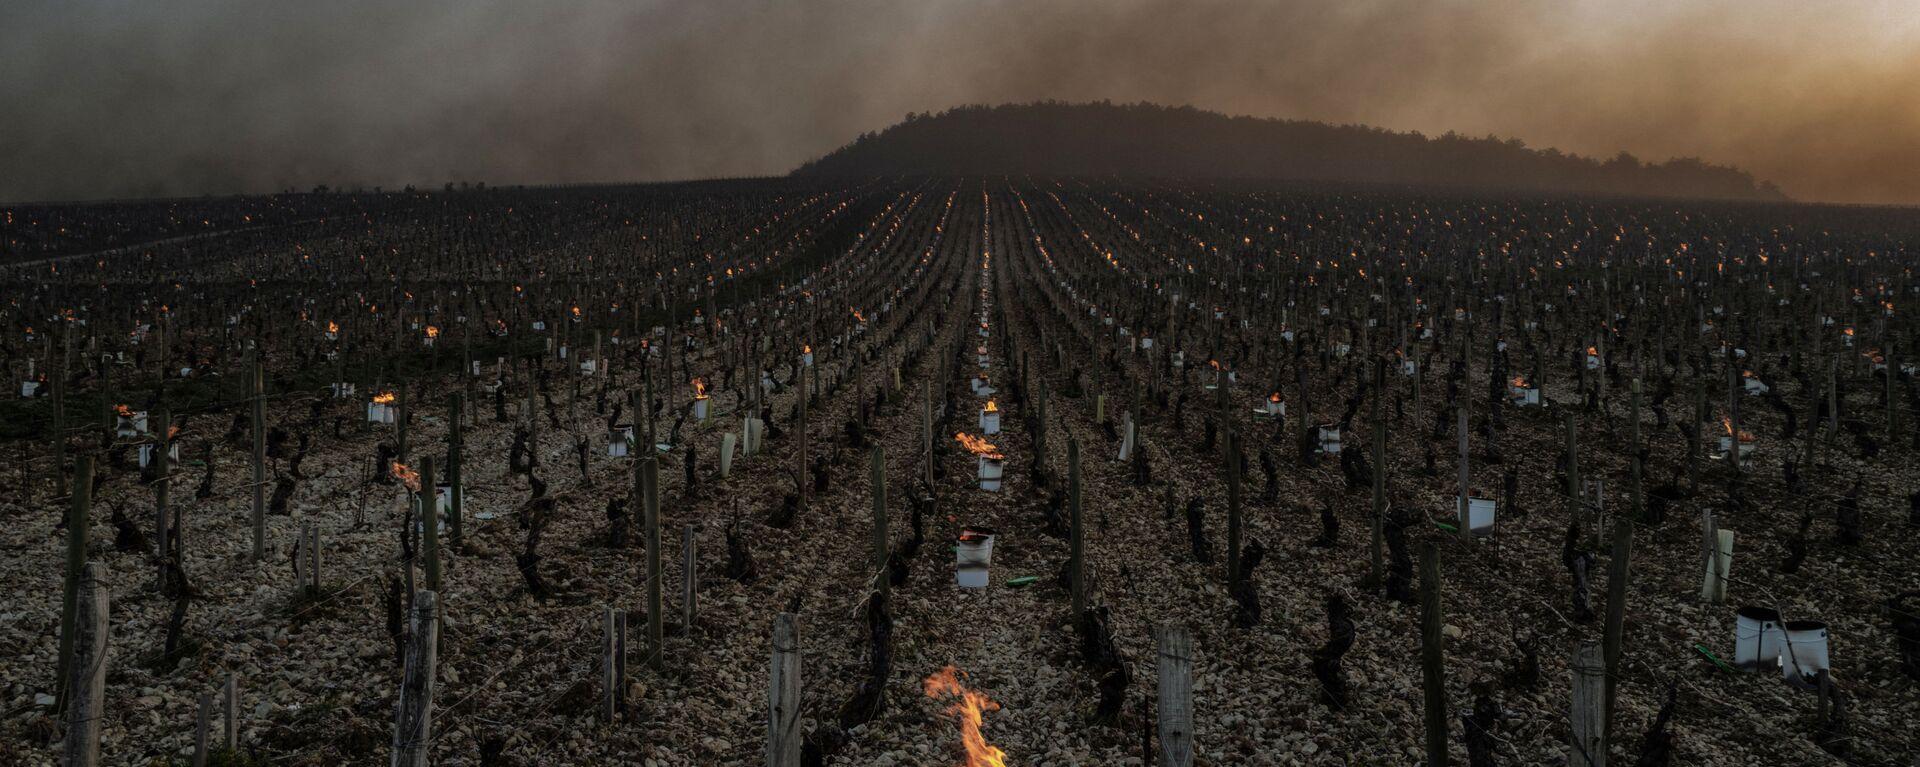 Kvůli silným mrazům zapálili místní farmáři více než 2 000 speciálních svíček – sudů naplněných hořícím parafínem, aby réva nezmrzla - Sputnik Česká republika, 1920, 17.04.2021